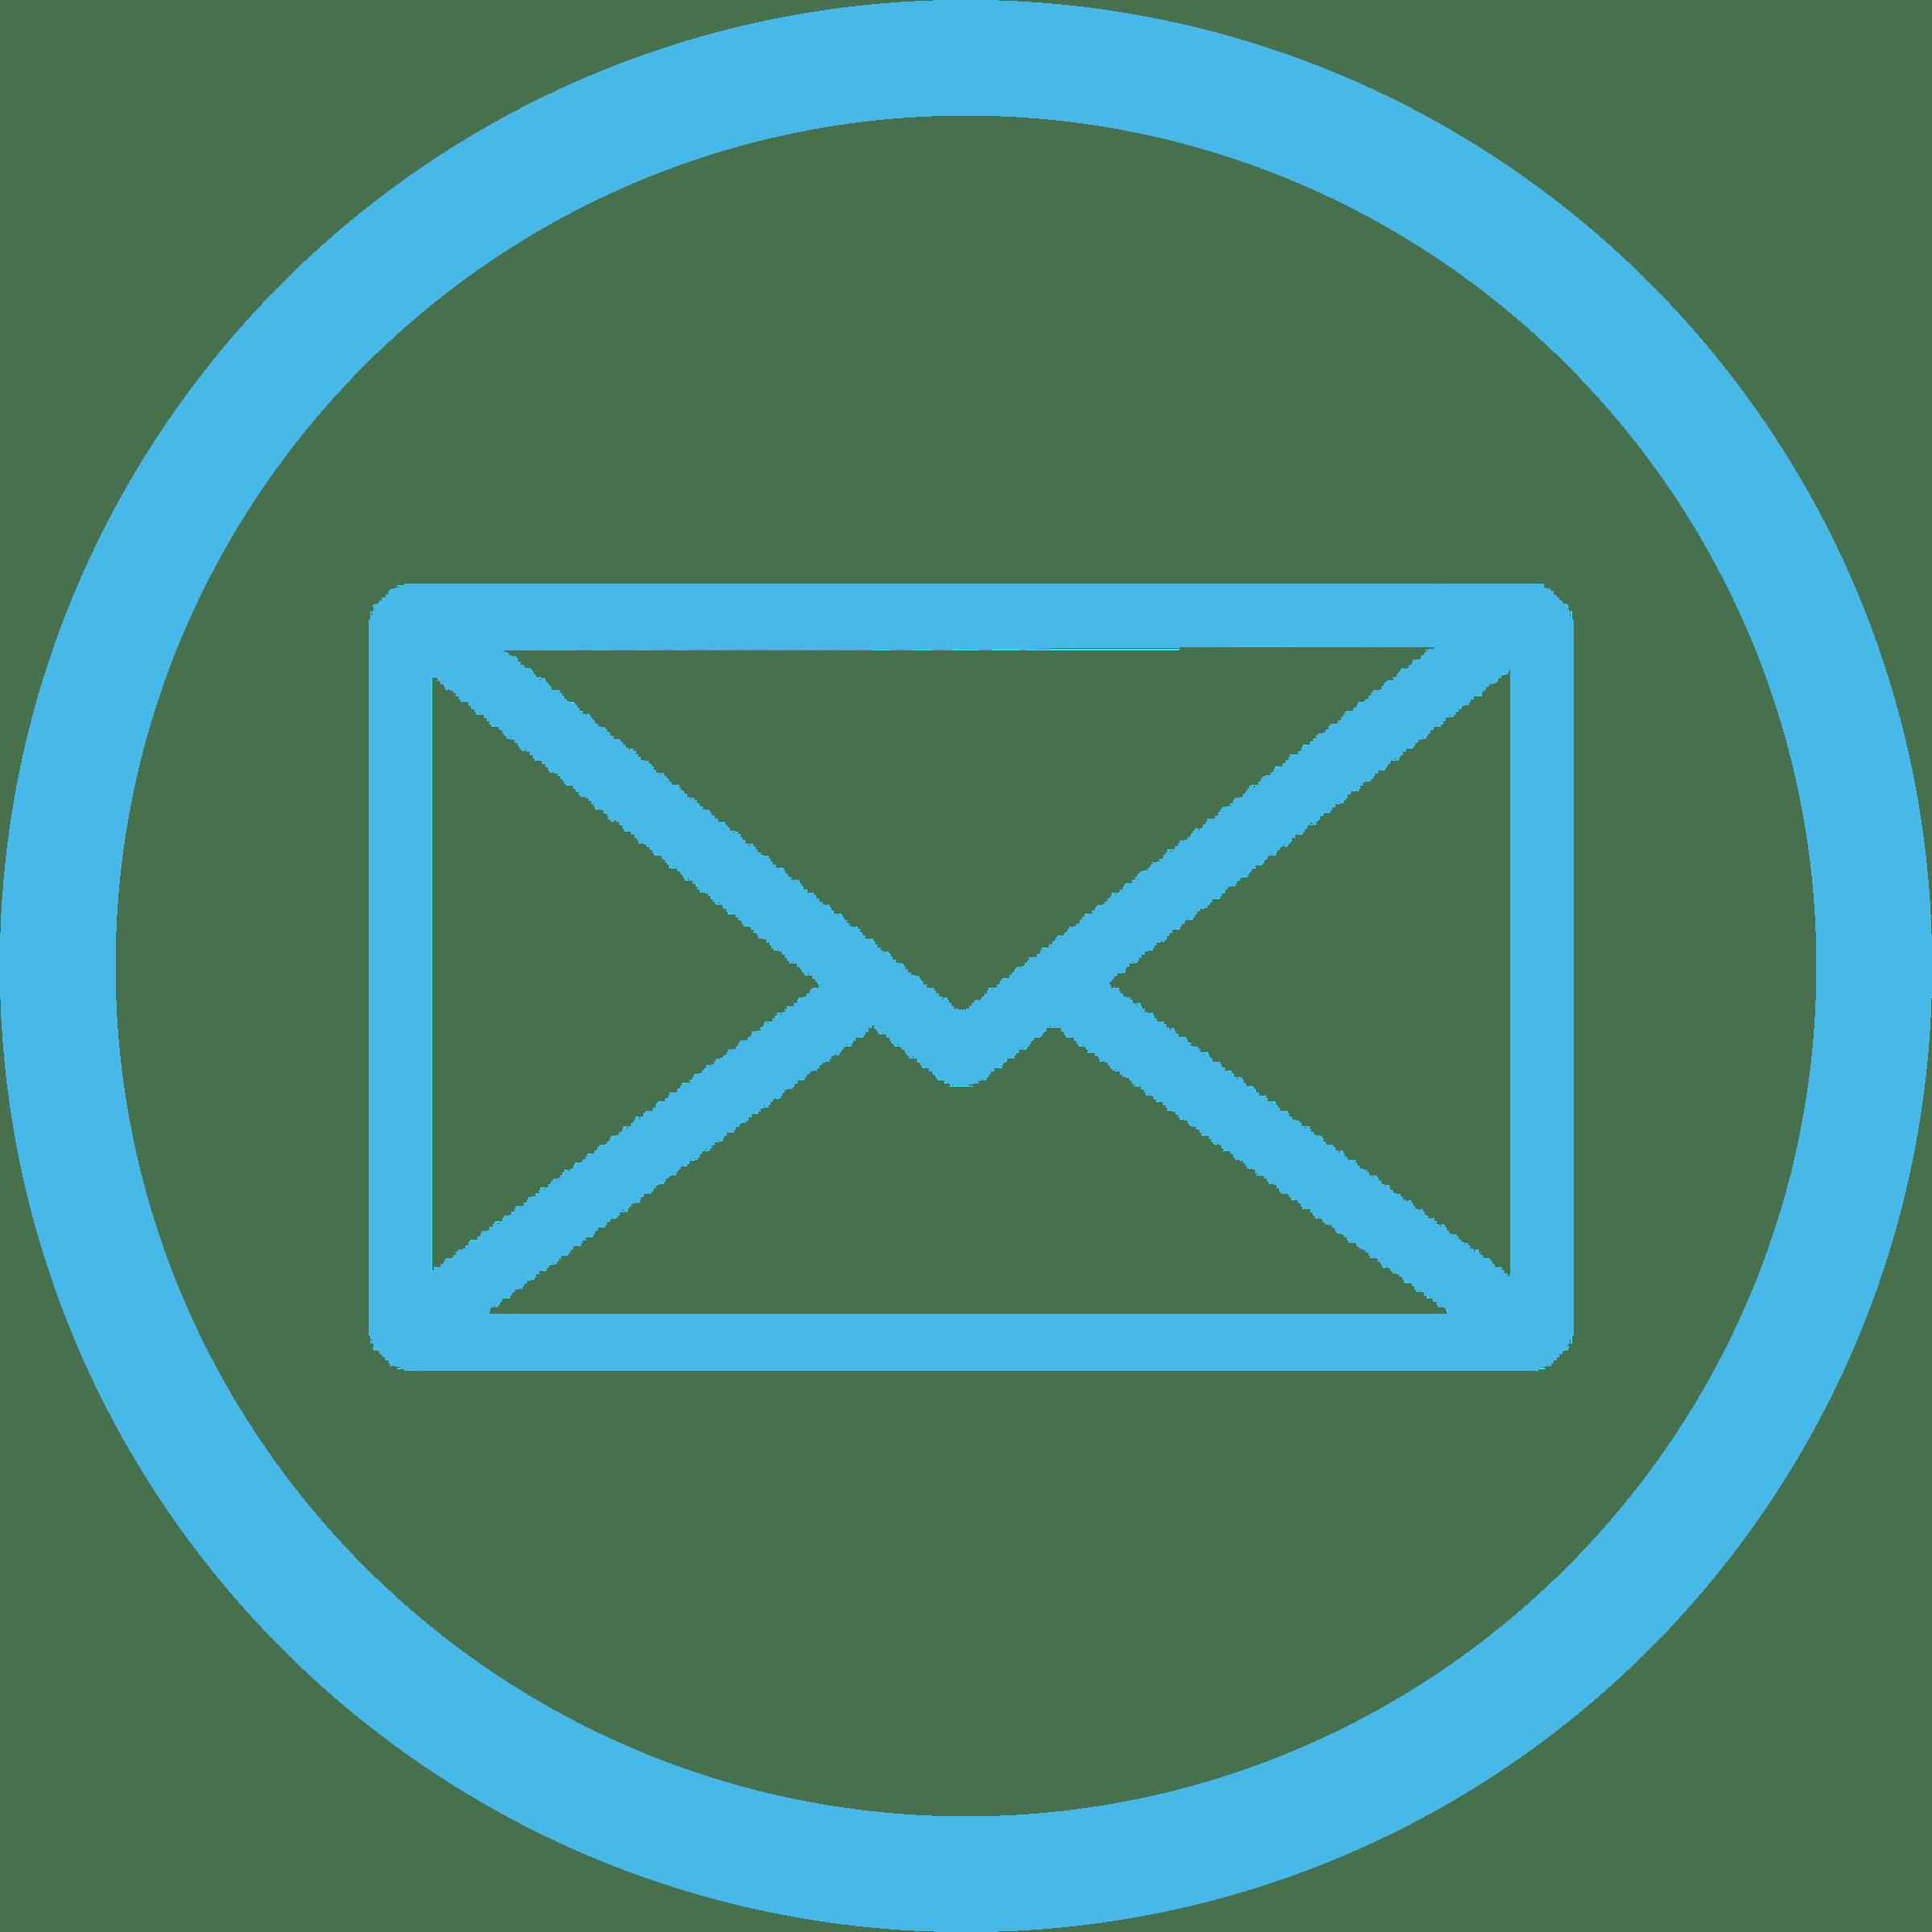 Сообщите нам свою историю или новость по электронной почте